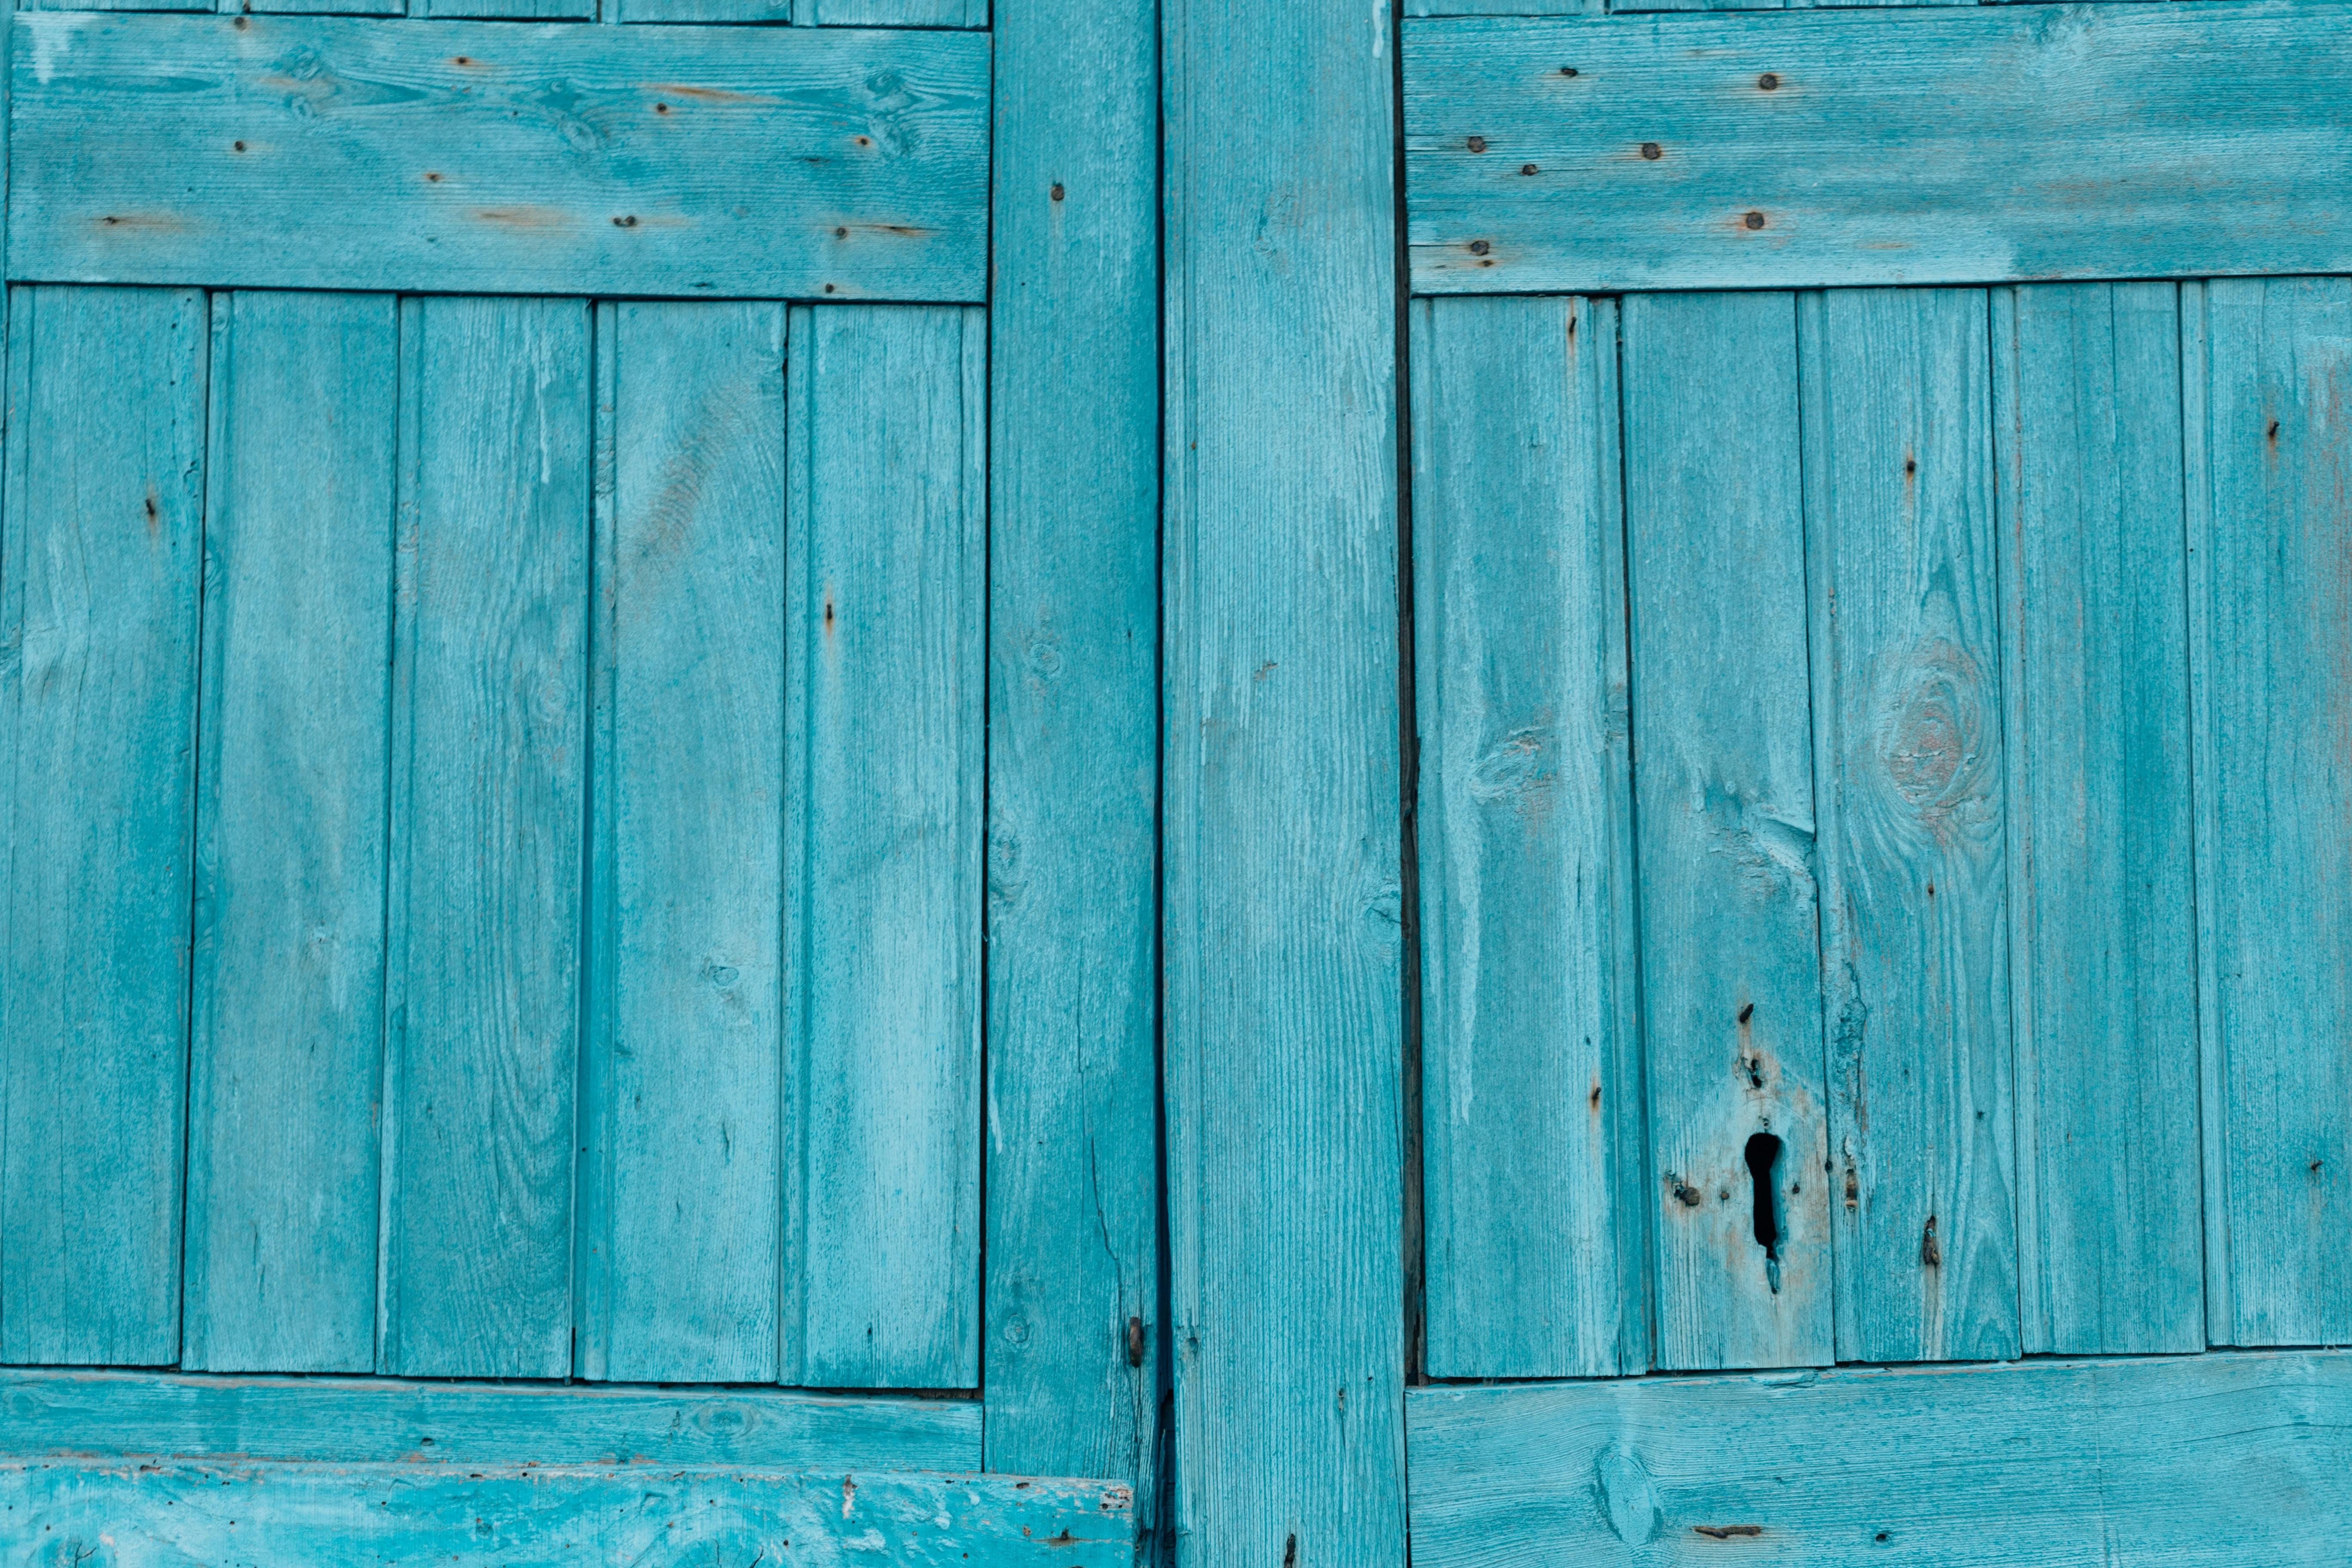 two gray wooden doors